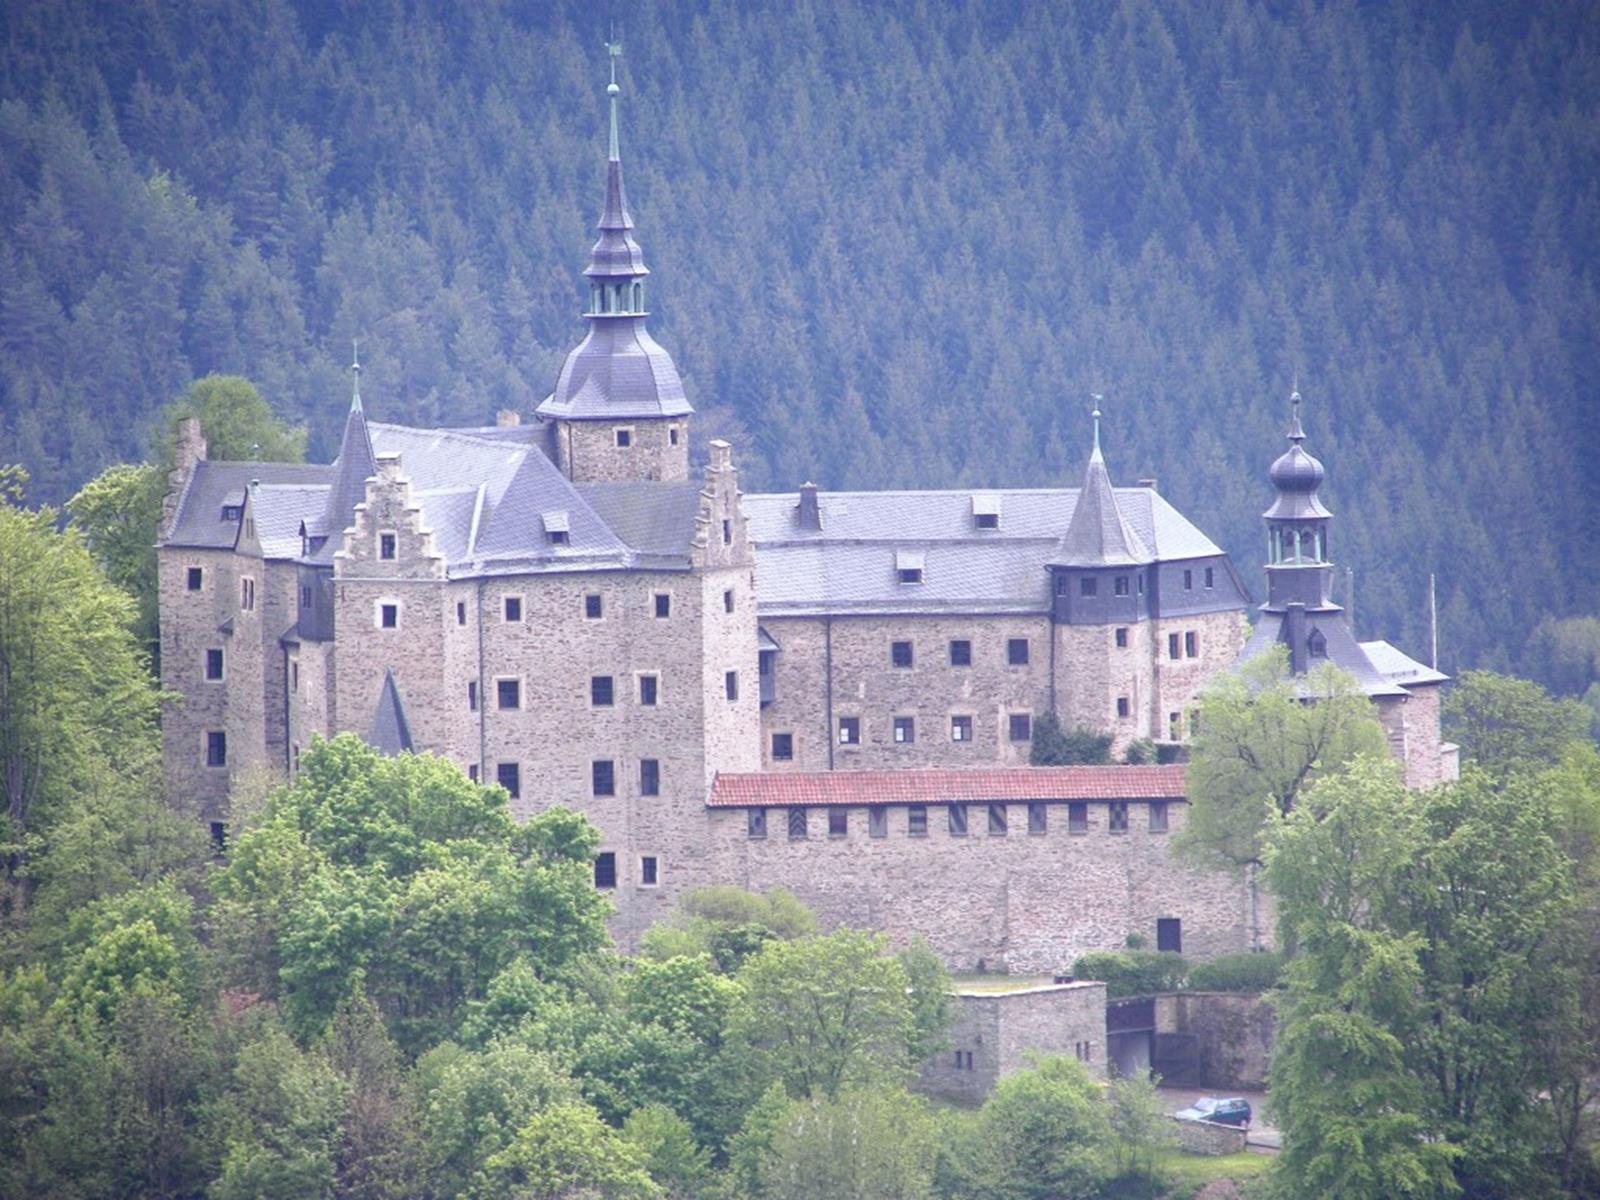 Lauenstein Burg. Credit